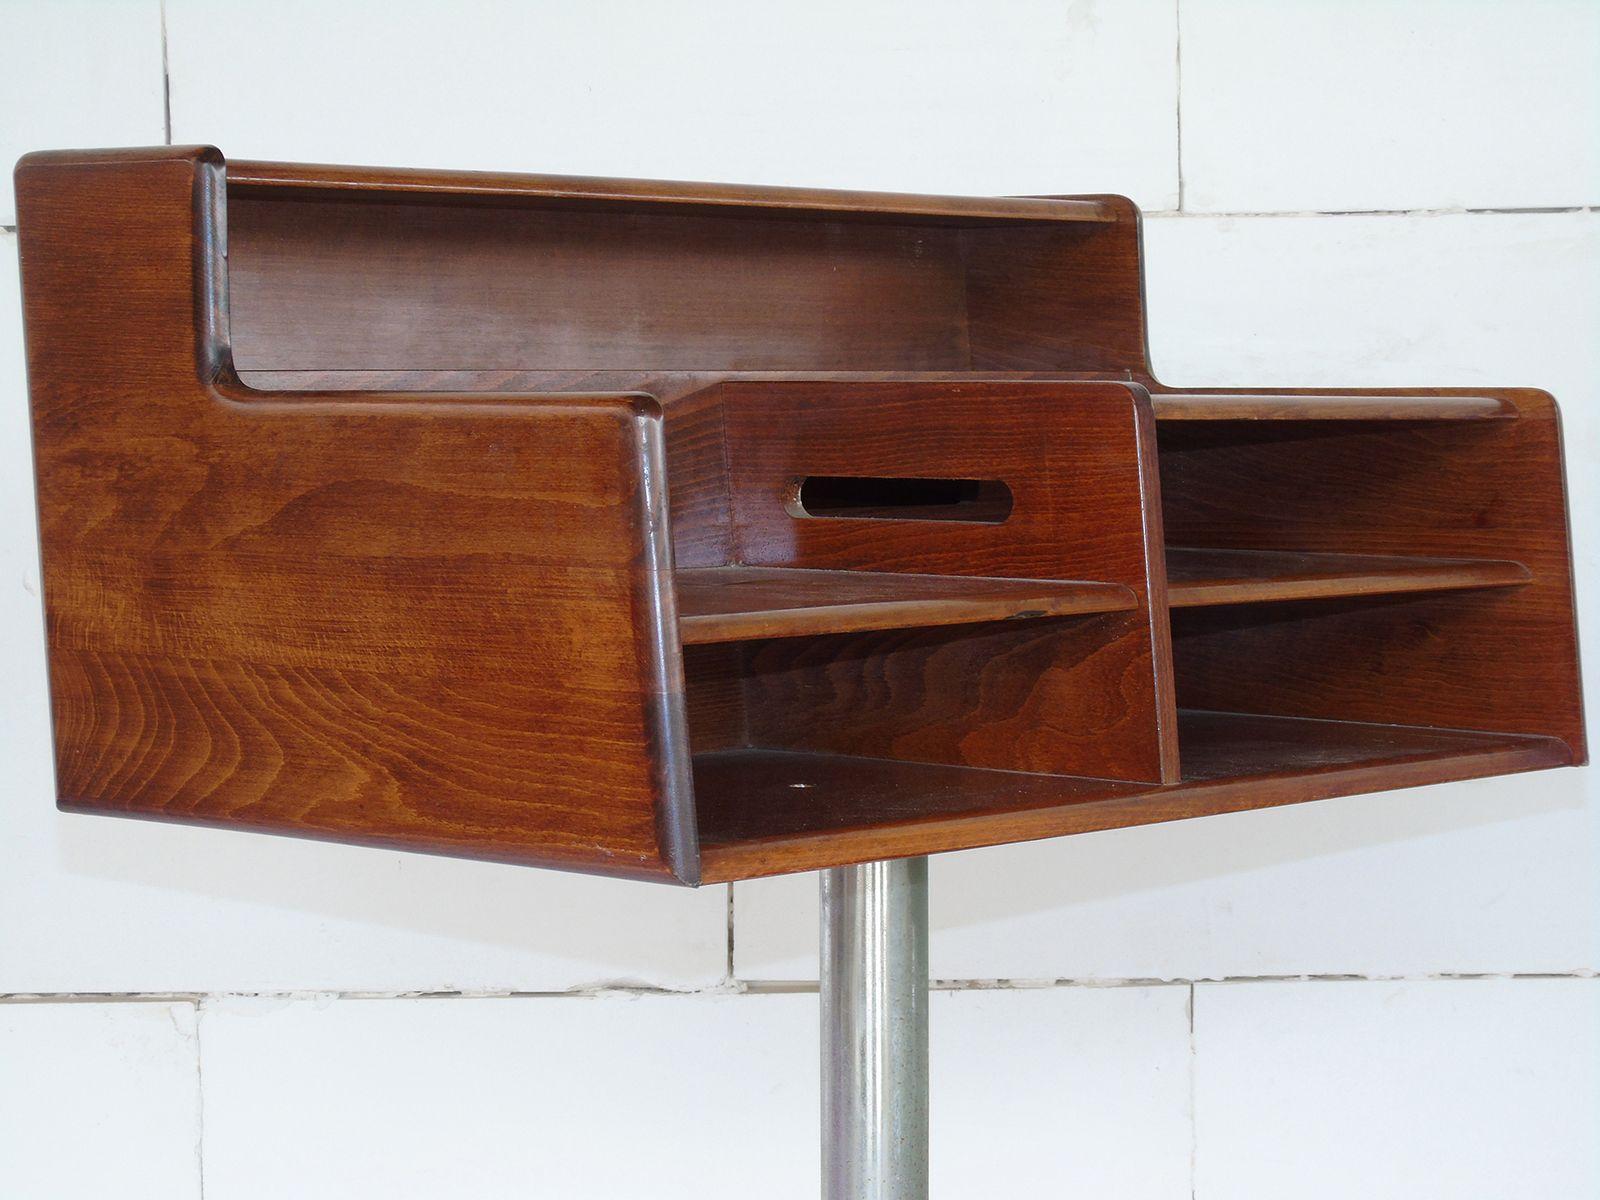 italienischer schreibtisch aus stahl holz von fimsa 1960er bei pamono kaufen. Black Bedroom Furniture Sets. Home Design Ideas